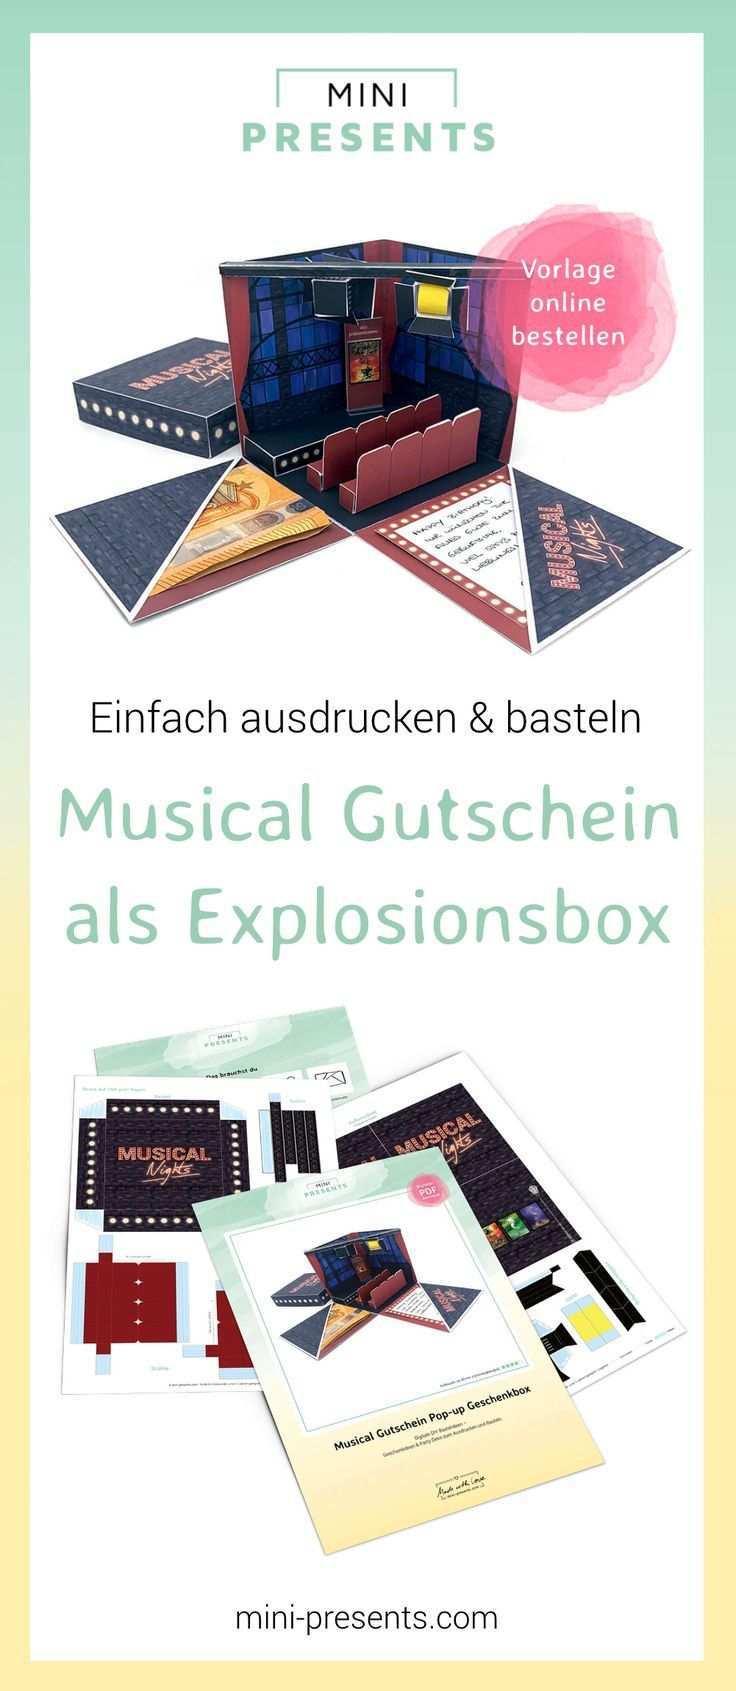 Mini Presents Musical Gutschein Explosionsbox Als Geschenk Ausdrucken Basteln Schenke Gluckliche Momente Originelle Diy Papiergeschenke Zum Ausdrucken Fu Musical Gutschein Geschenke Basteln Geschenke